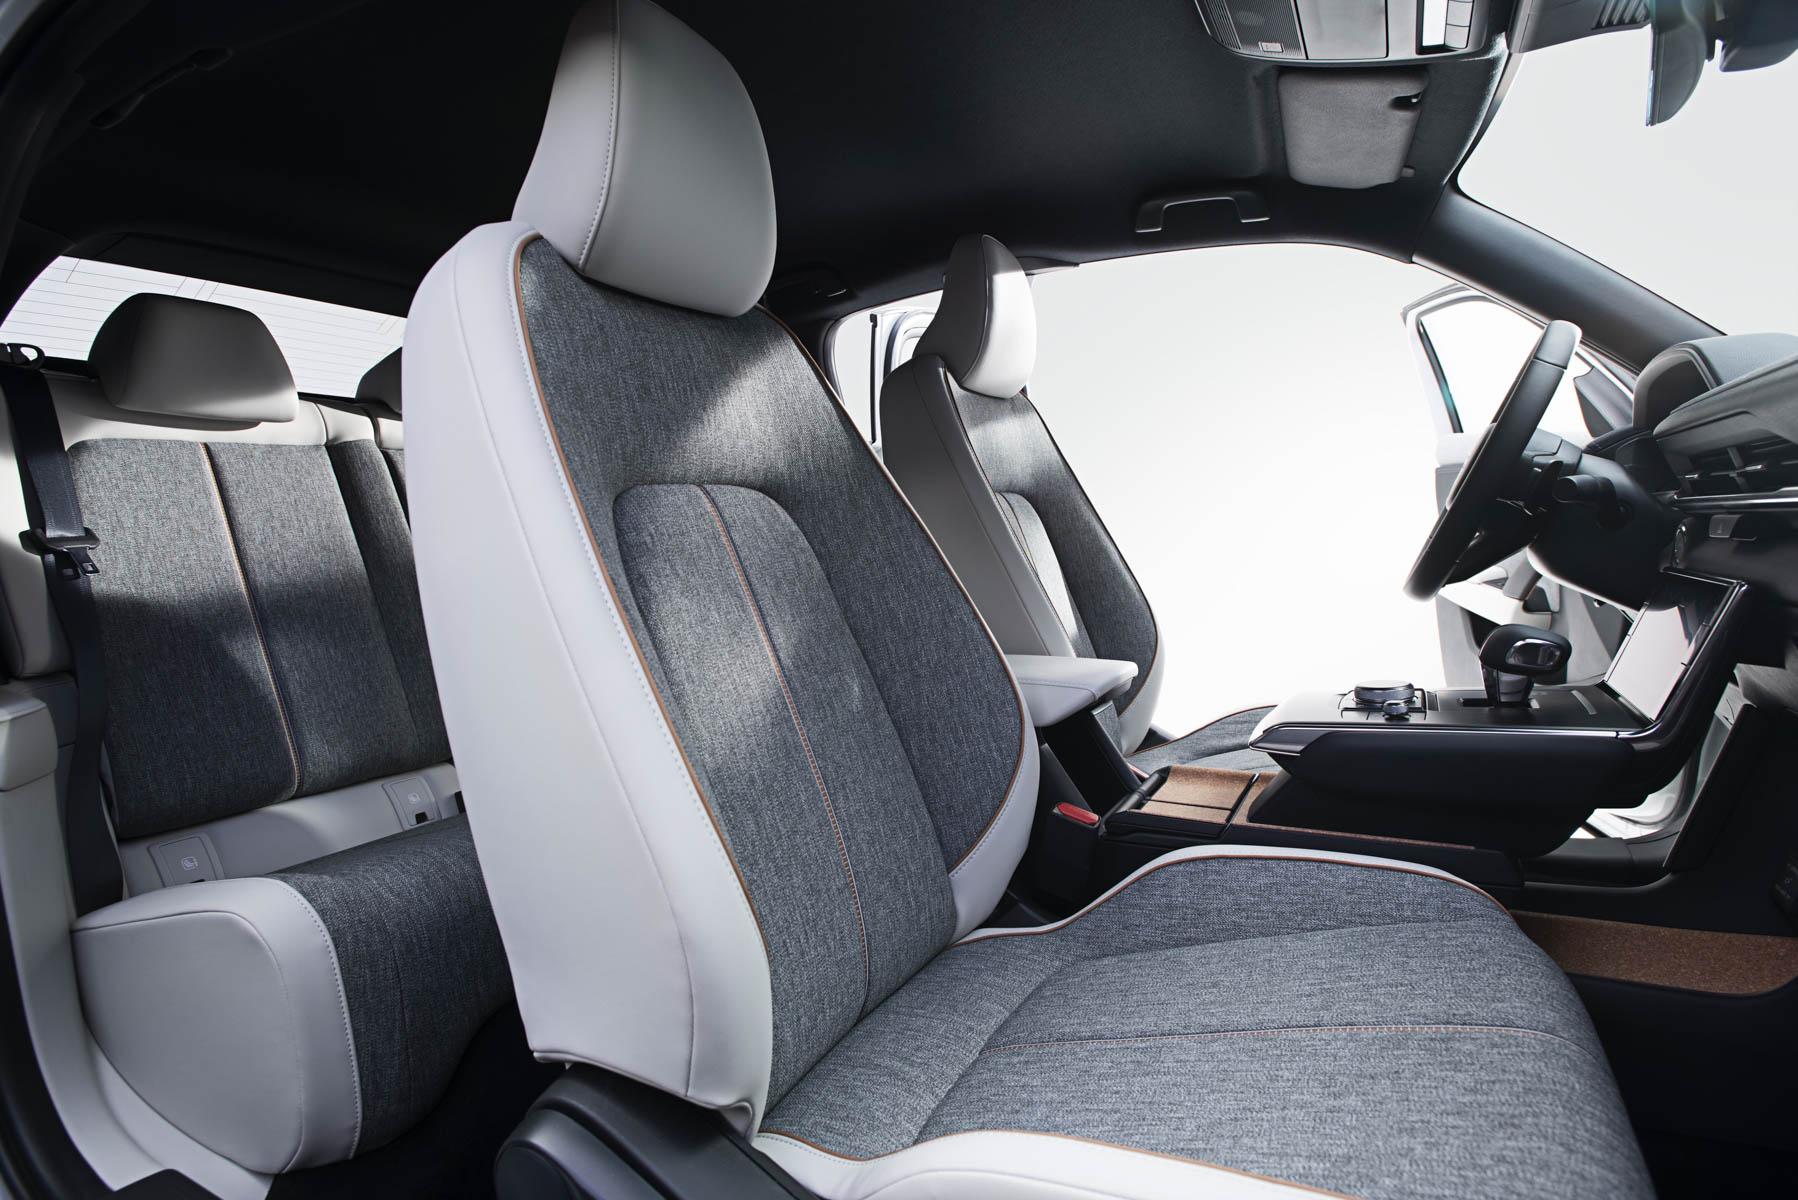 Interiøret i Mazda sin elbil MX-30